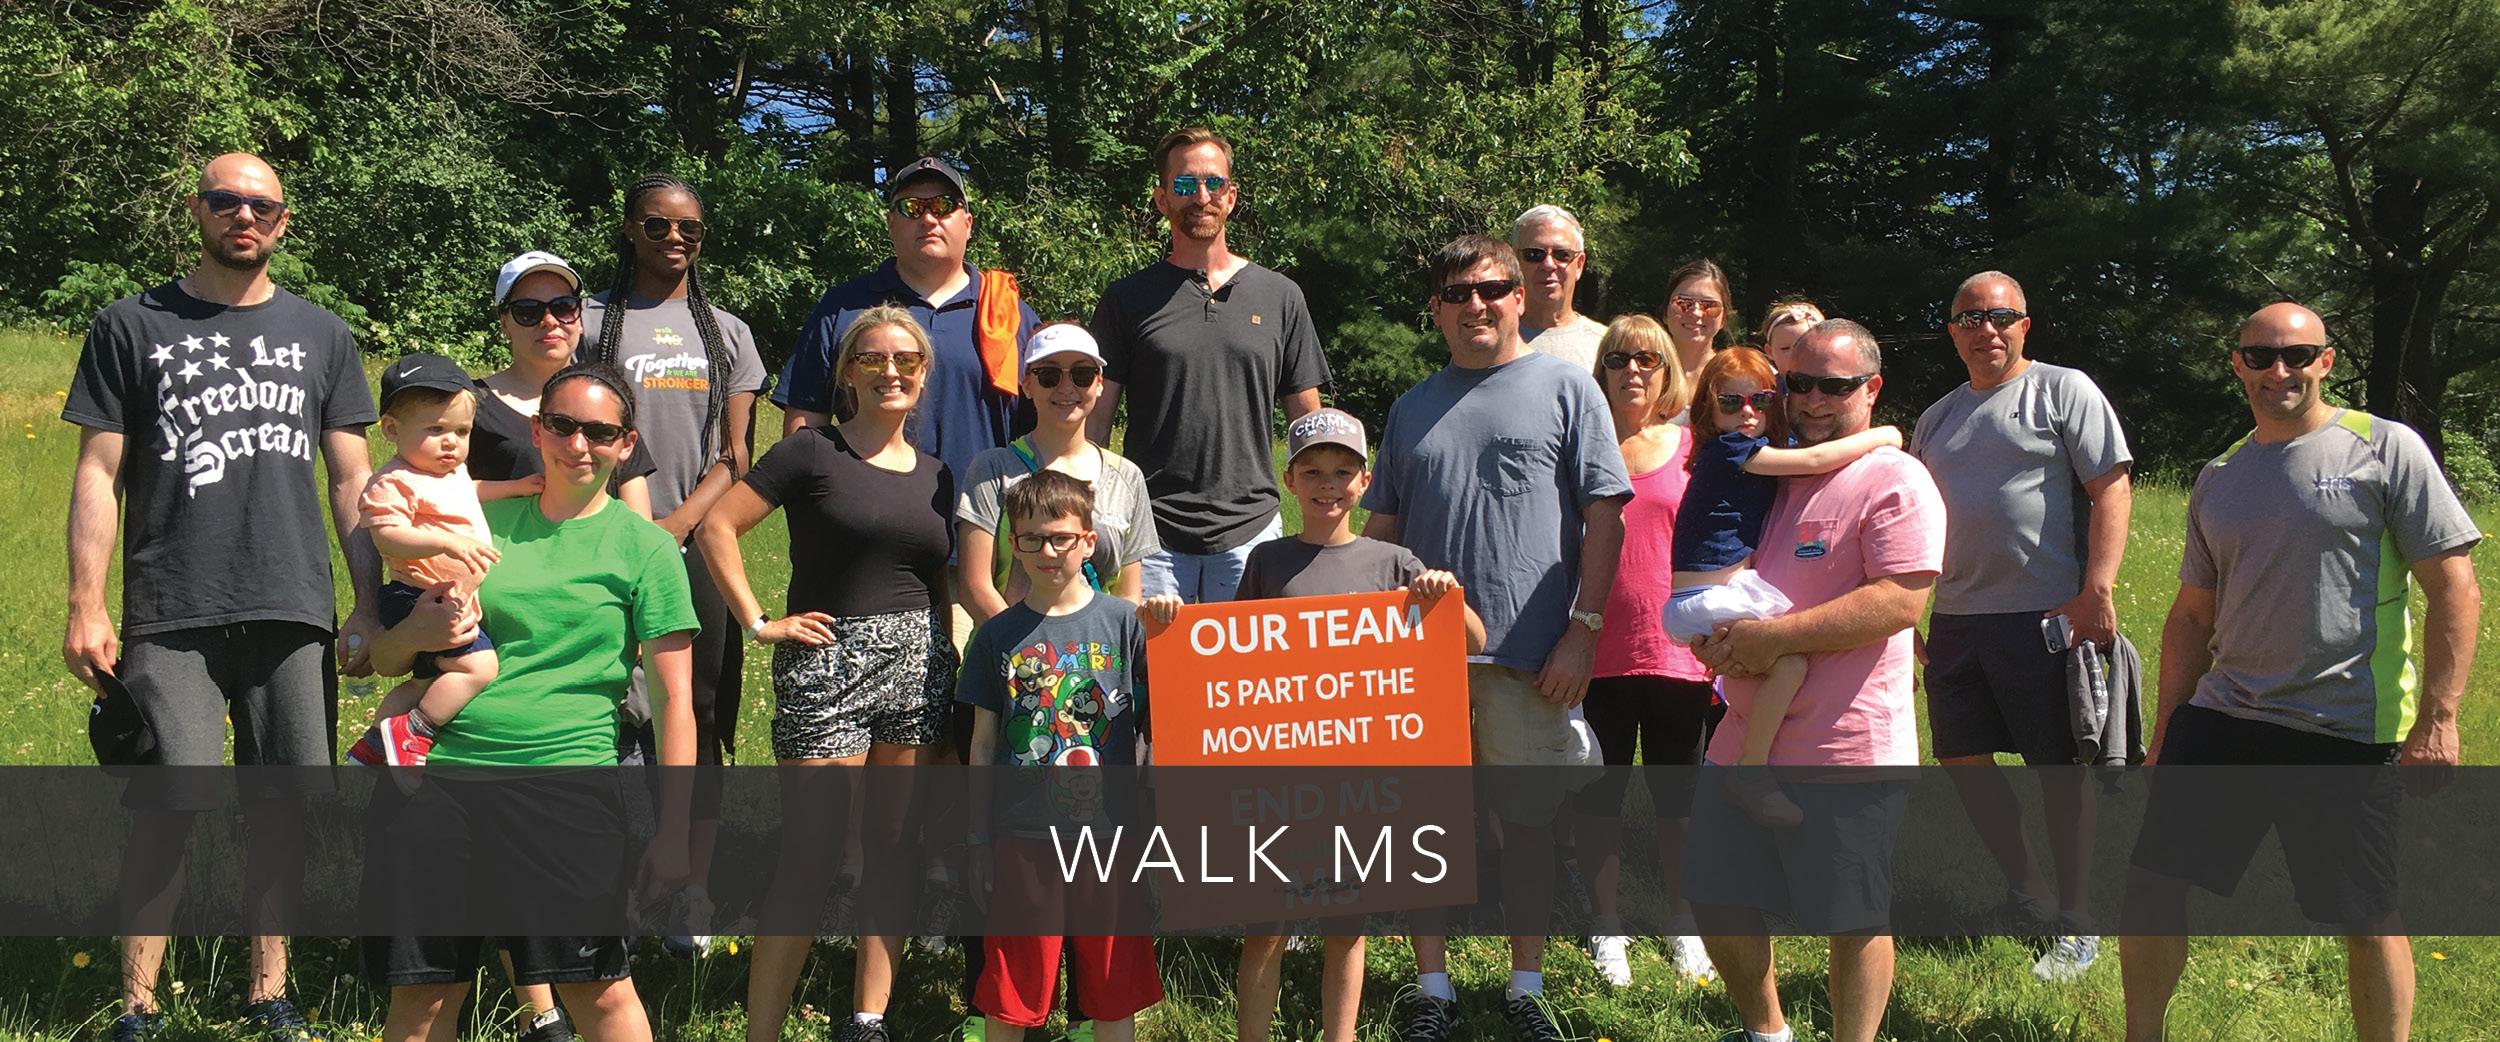 slider-2019-walk-ms